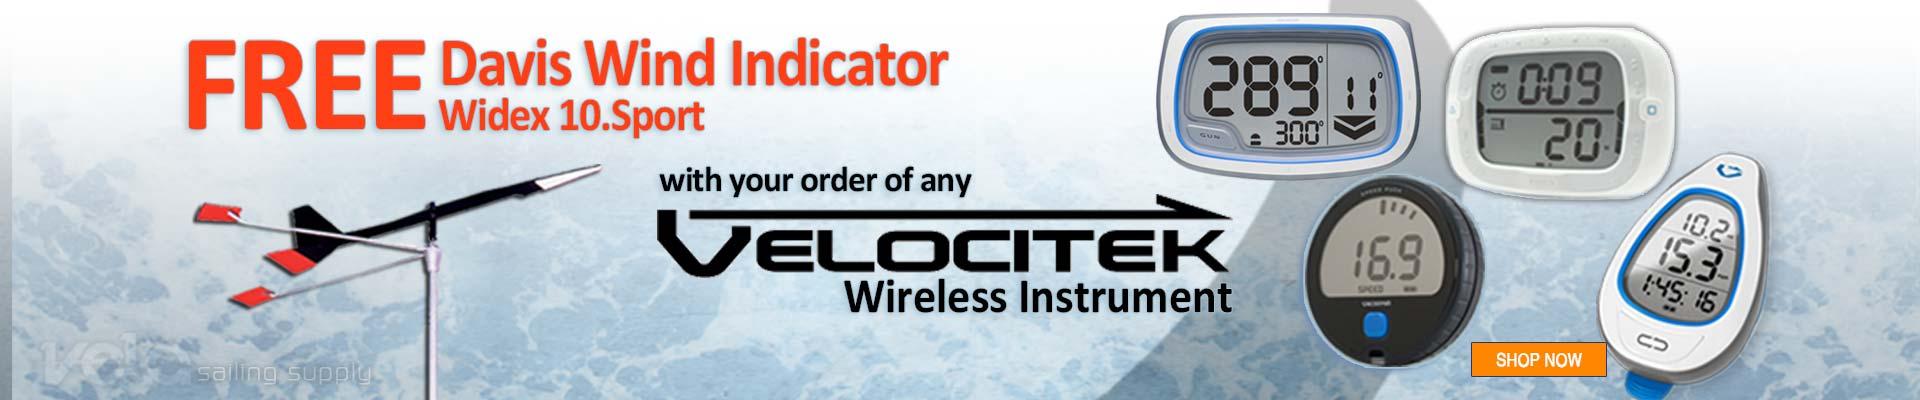 Velocitek Sailing Wireless Instruments